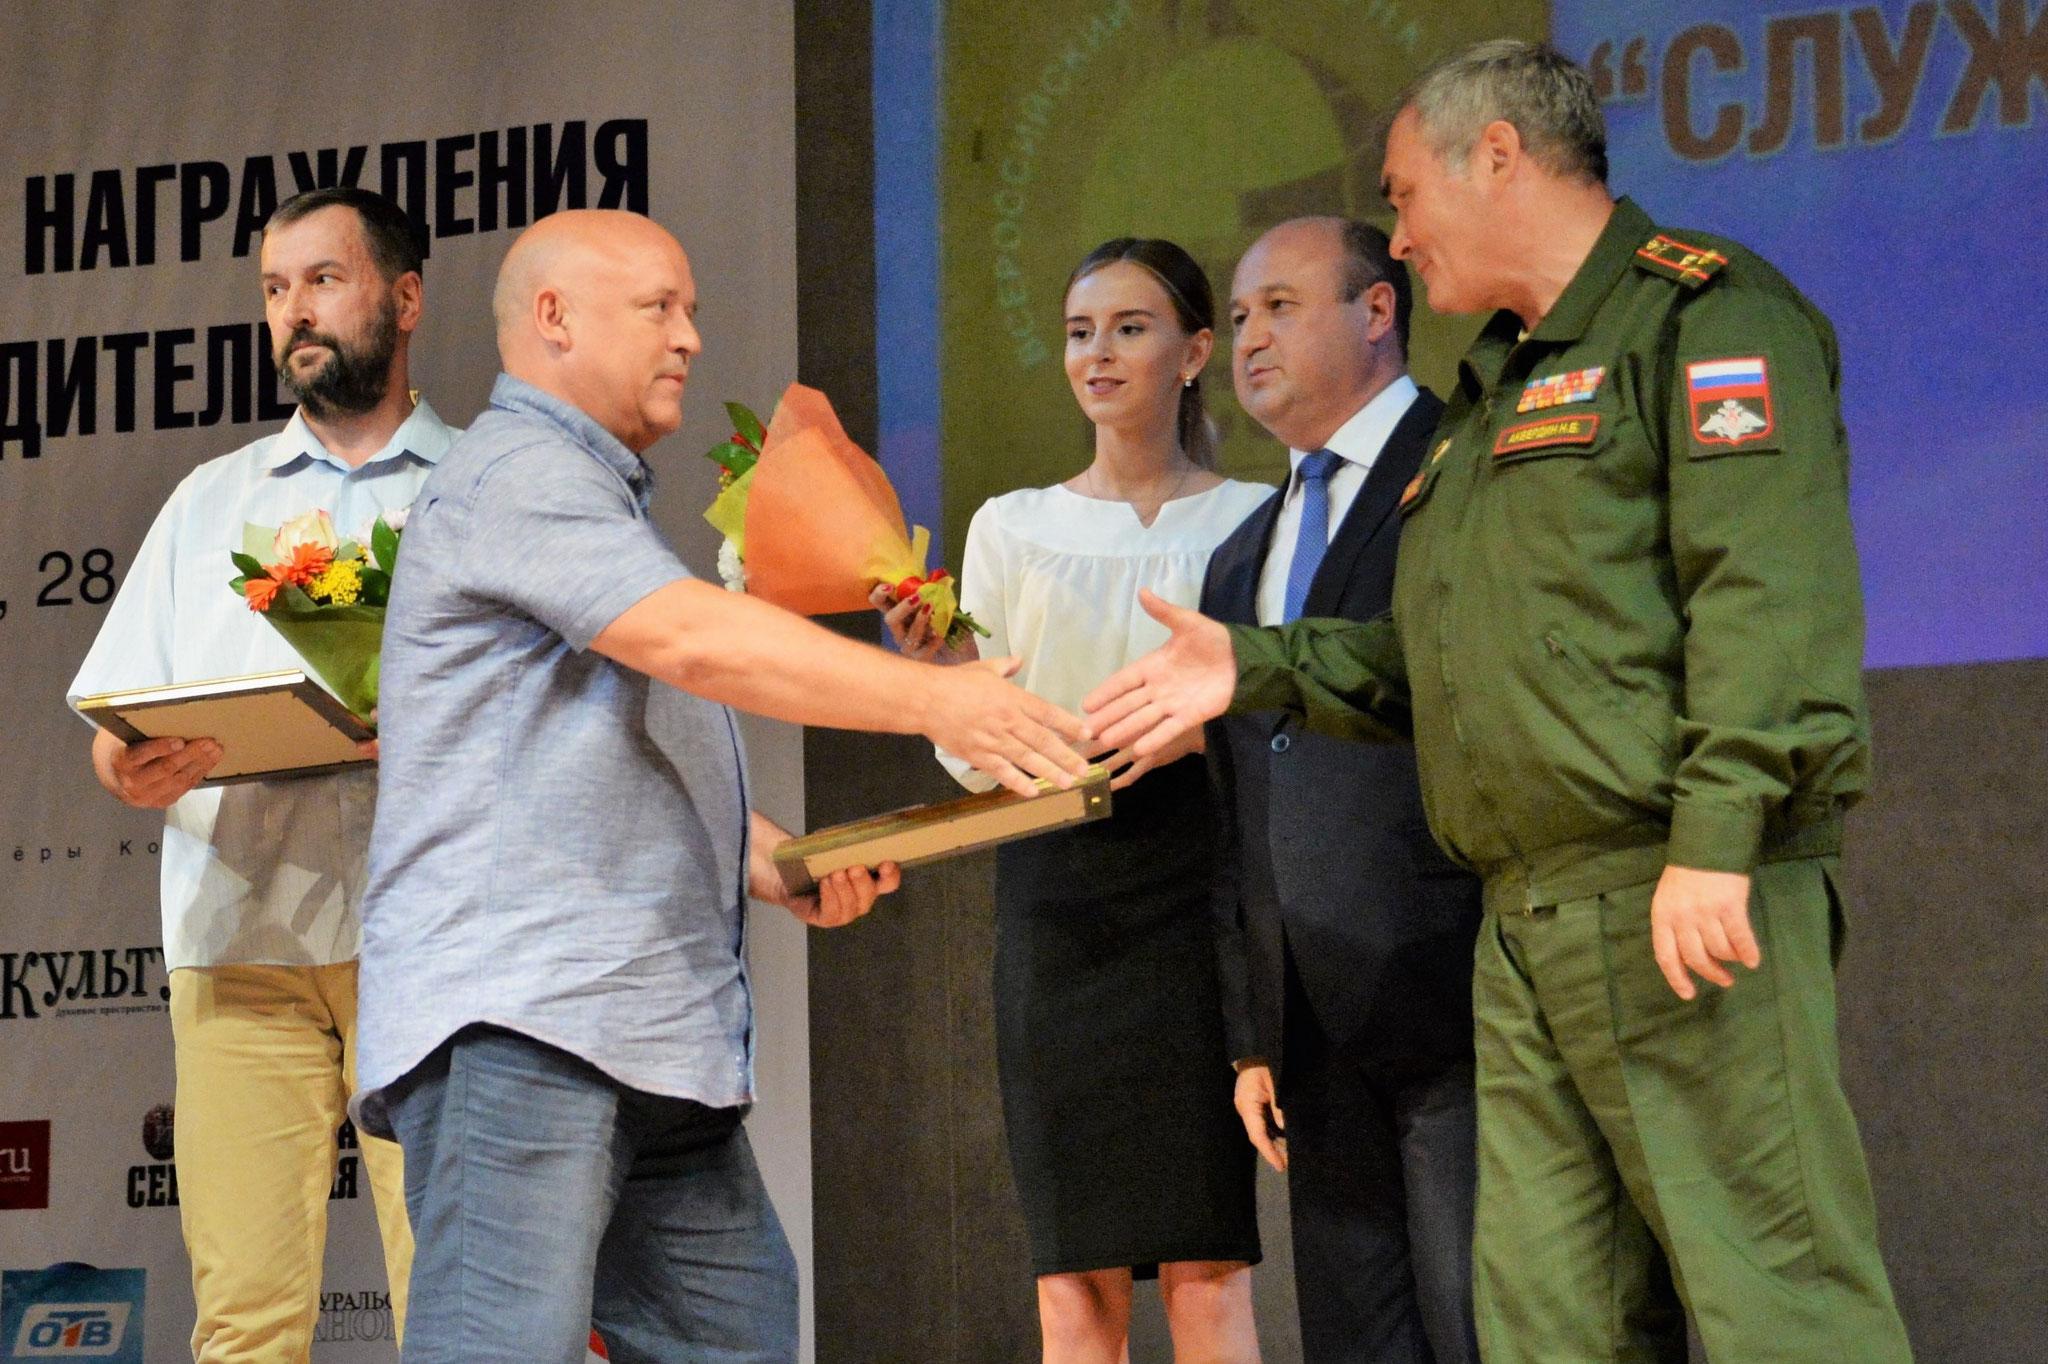 Патриот России-2016, награждение победителей (Павел Герасимов), Челябинск, 28 июля 2016 г.